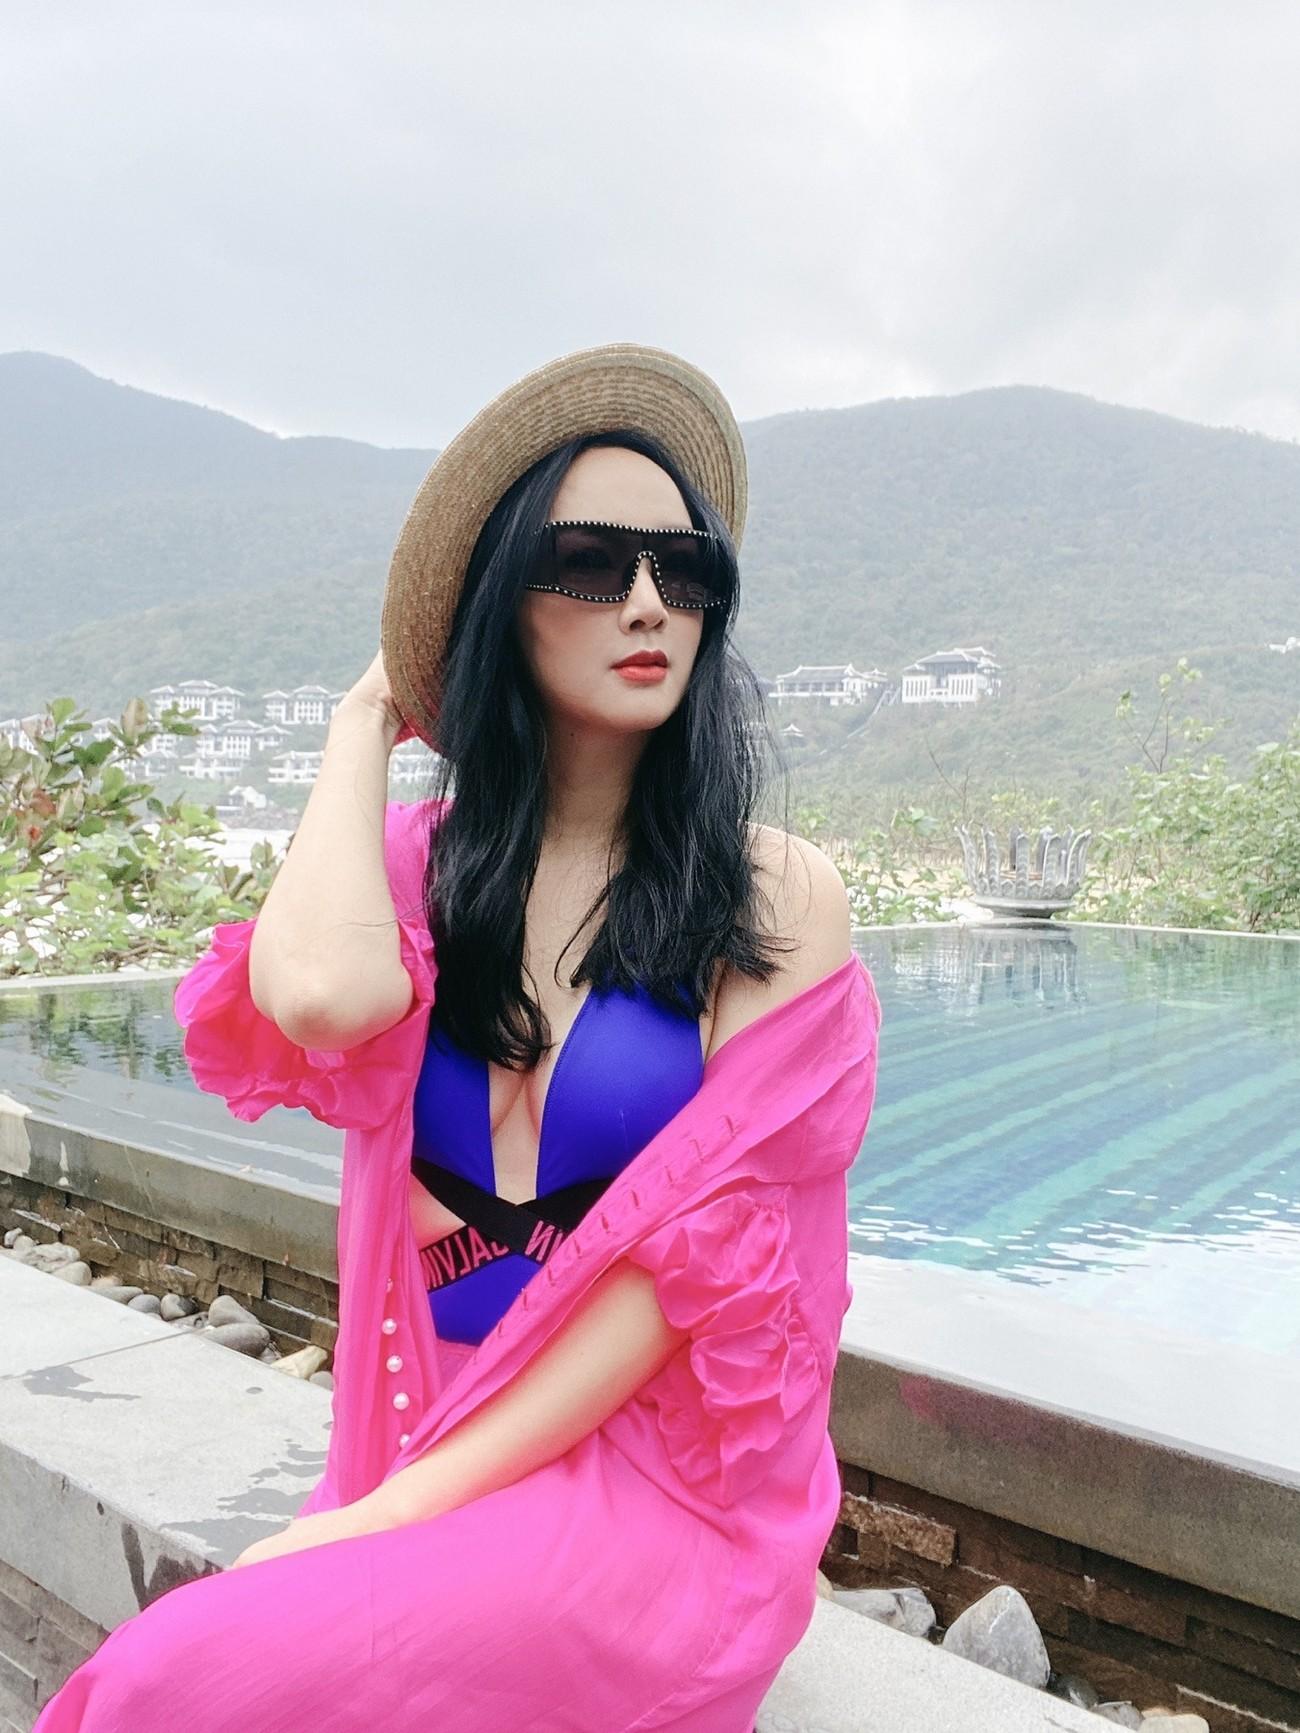 Hoa hậu Giáng My khoe khéo body gợi cảm và vẻ đẹp không tuổi những ngày đầu năm mới ảnh 2